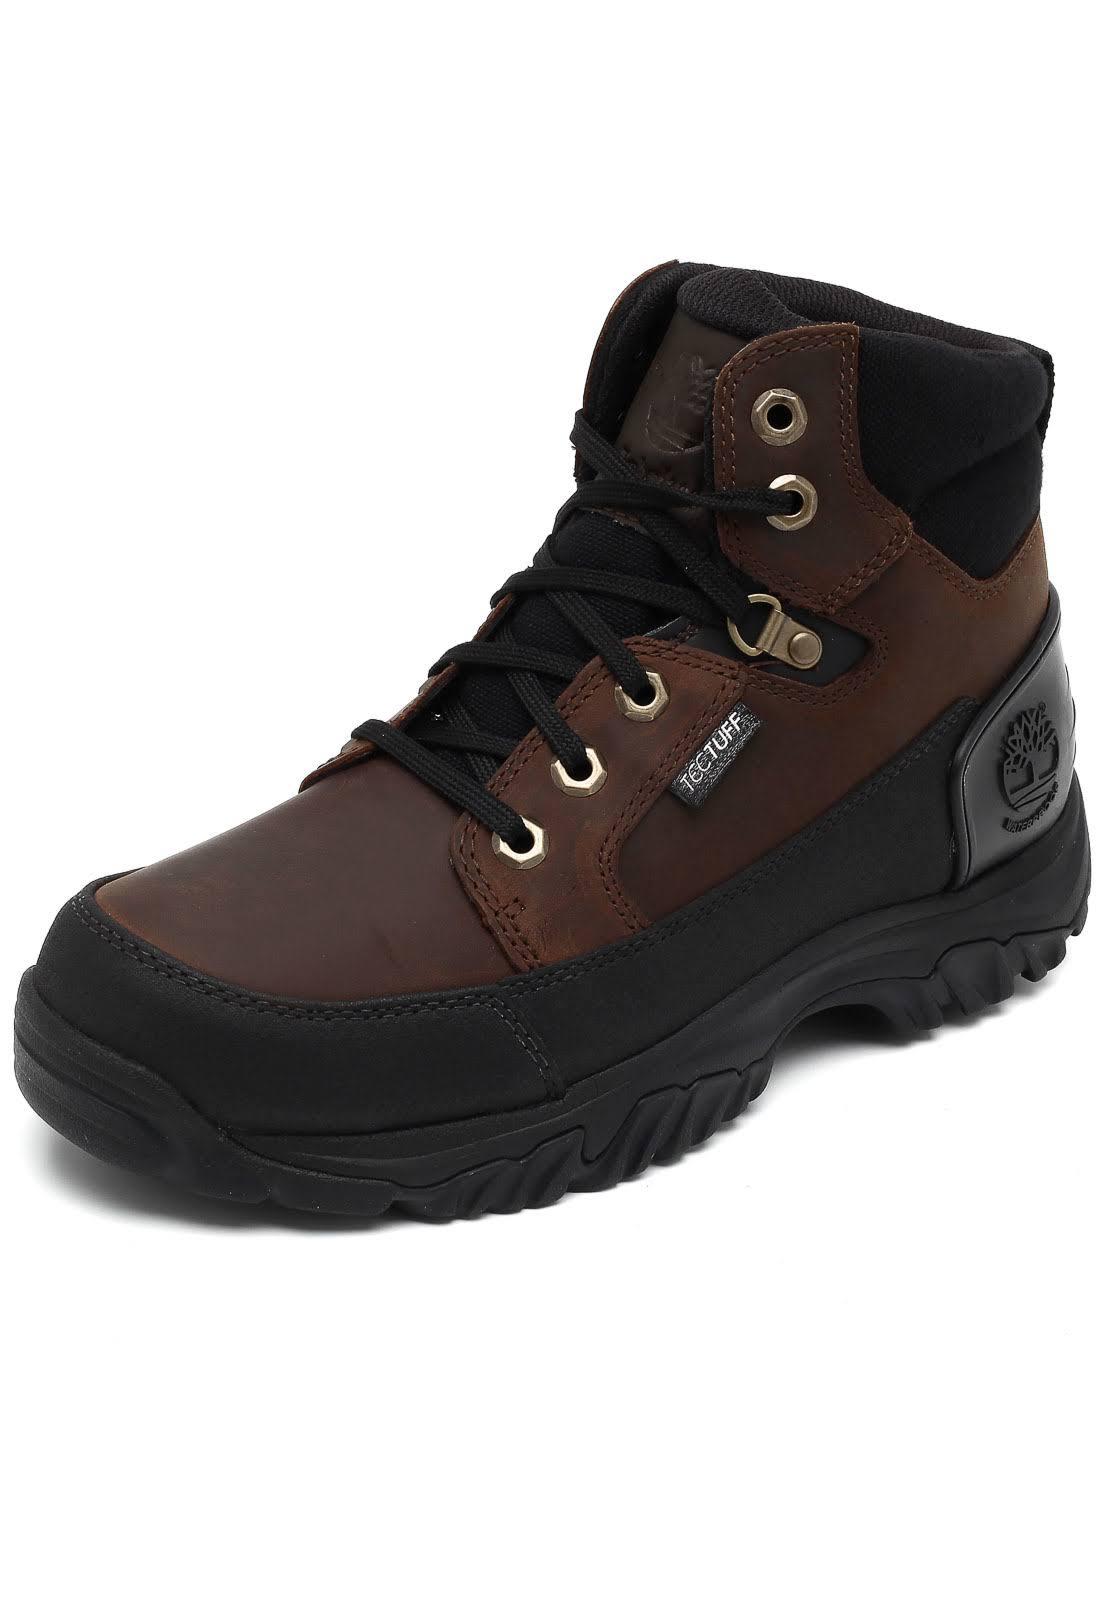 BootMale Guy'd Timberland Dark Waterproof Brown EHW9b2eDIY